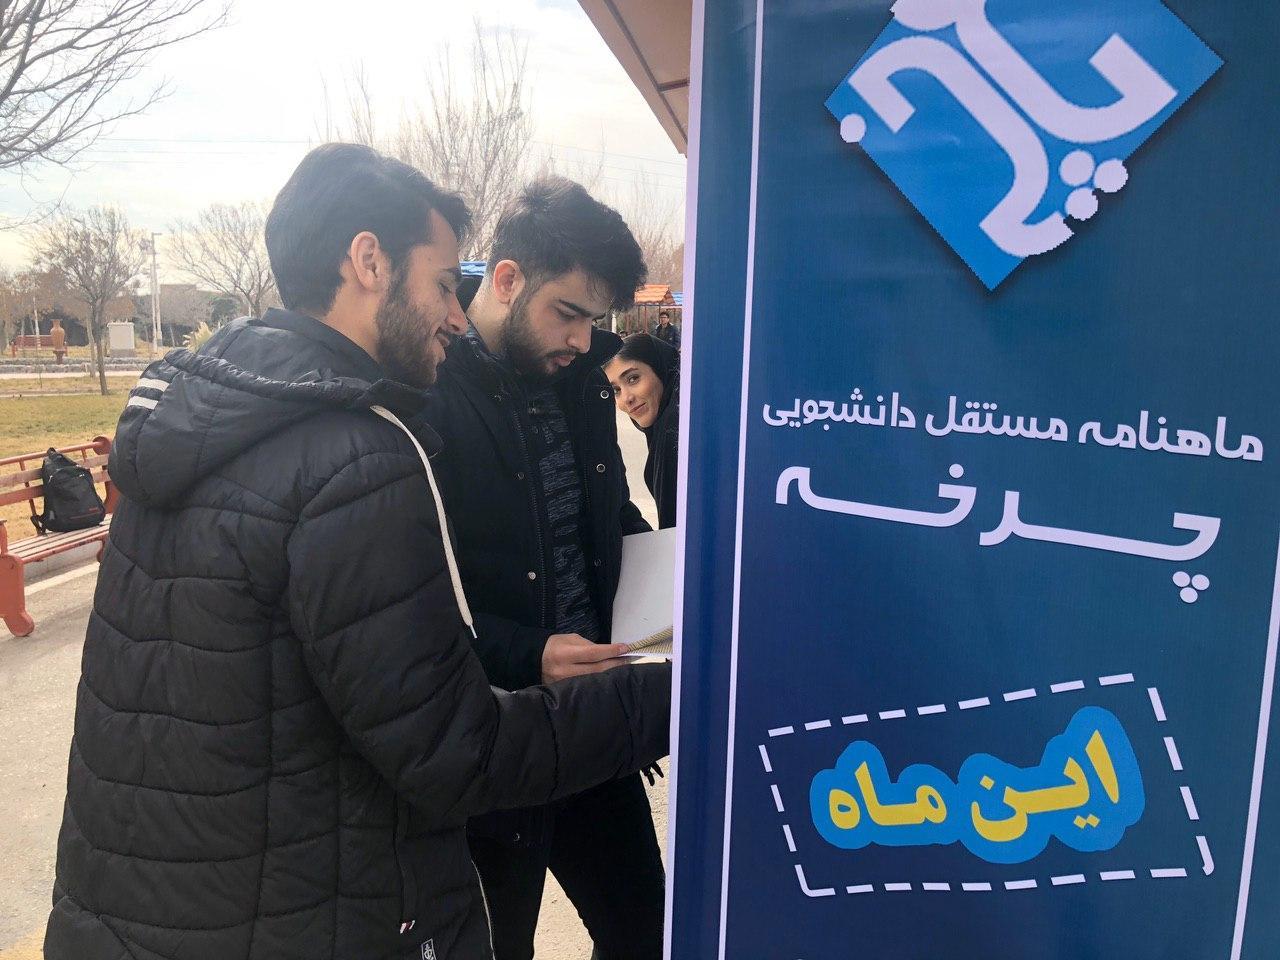 پاتوق نشریات پردیس فارابی دانشگاه تهران